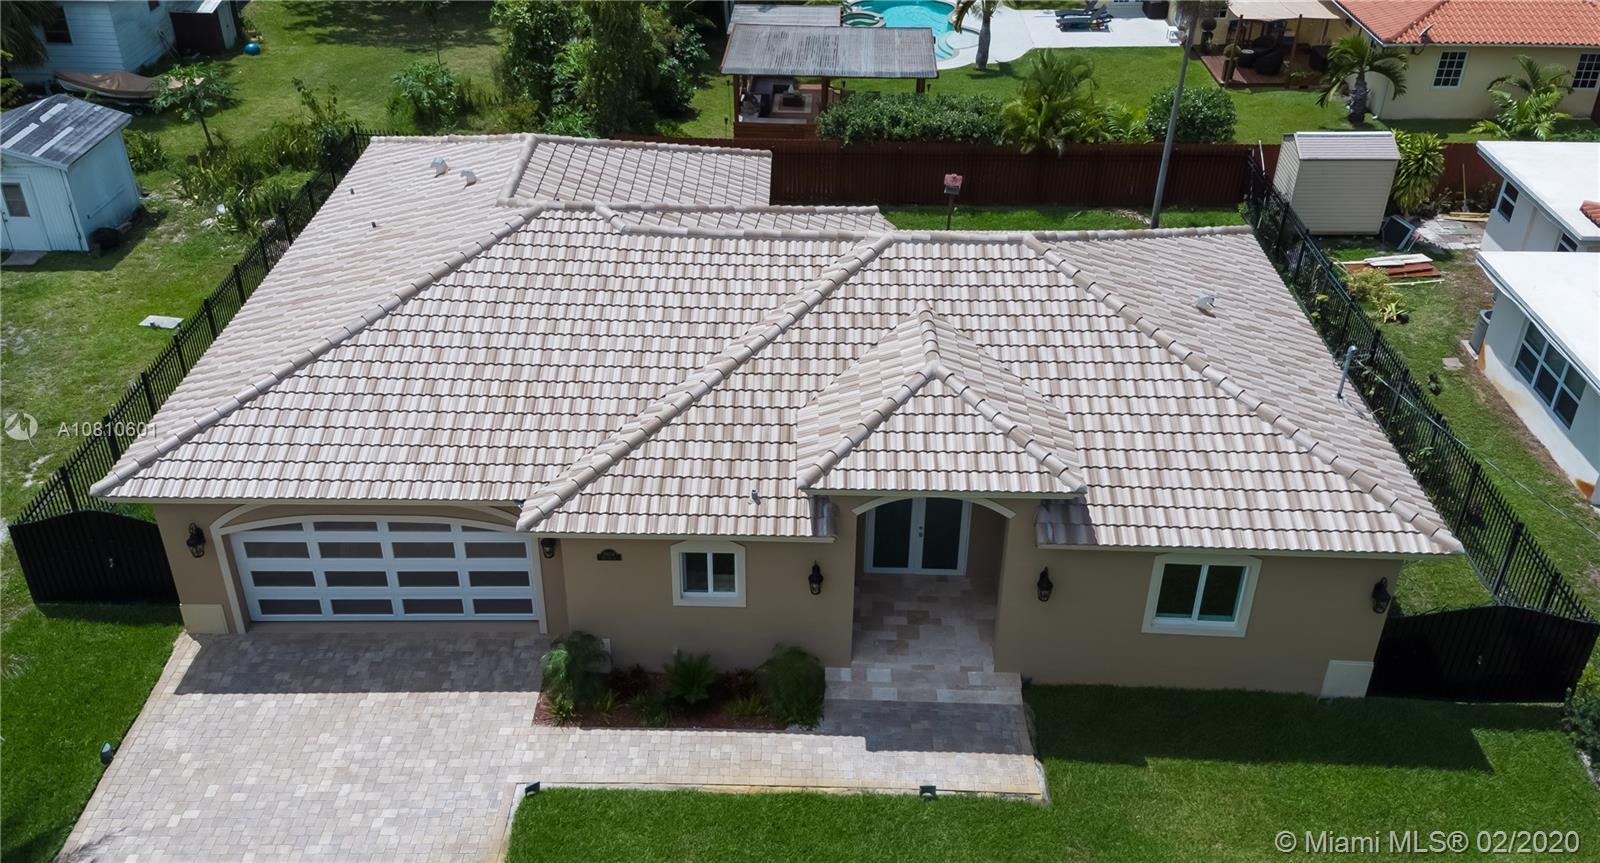 11804 NE 11th Ave, Biscayne Park, FL 33161 - Biscayne Park, FL real estate listing